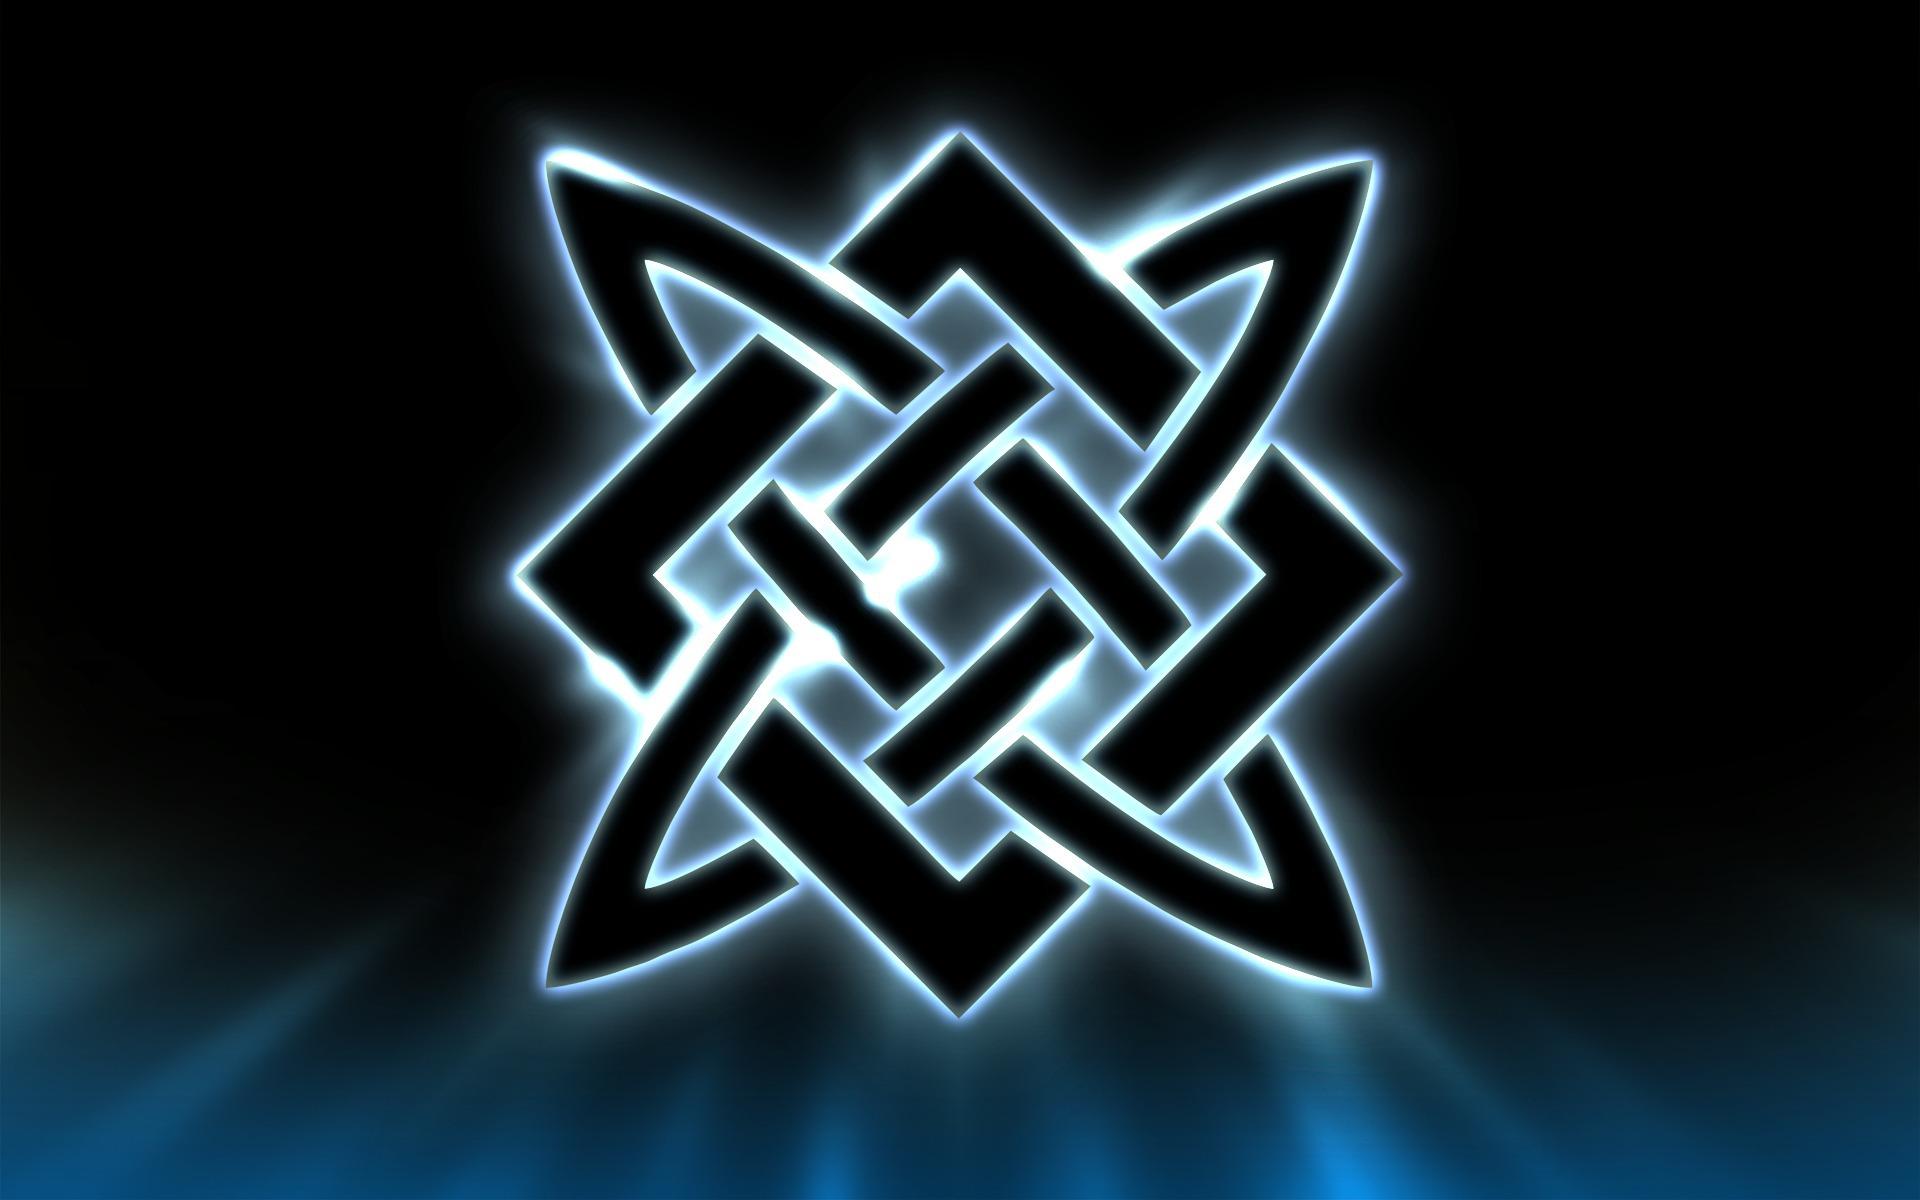 Звезда Сварога руна